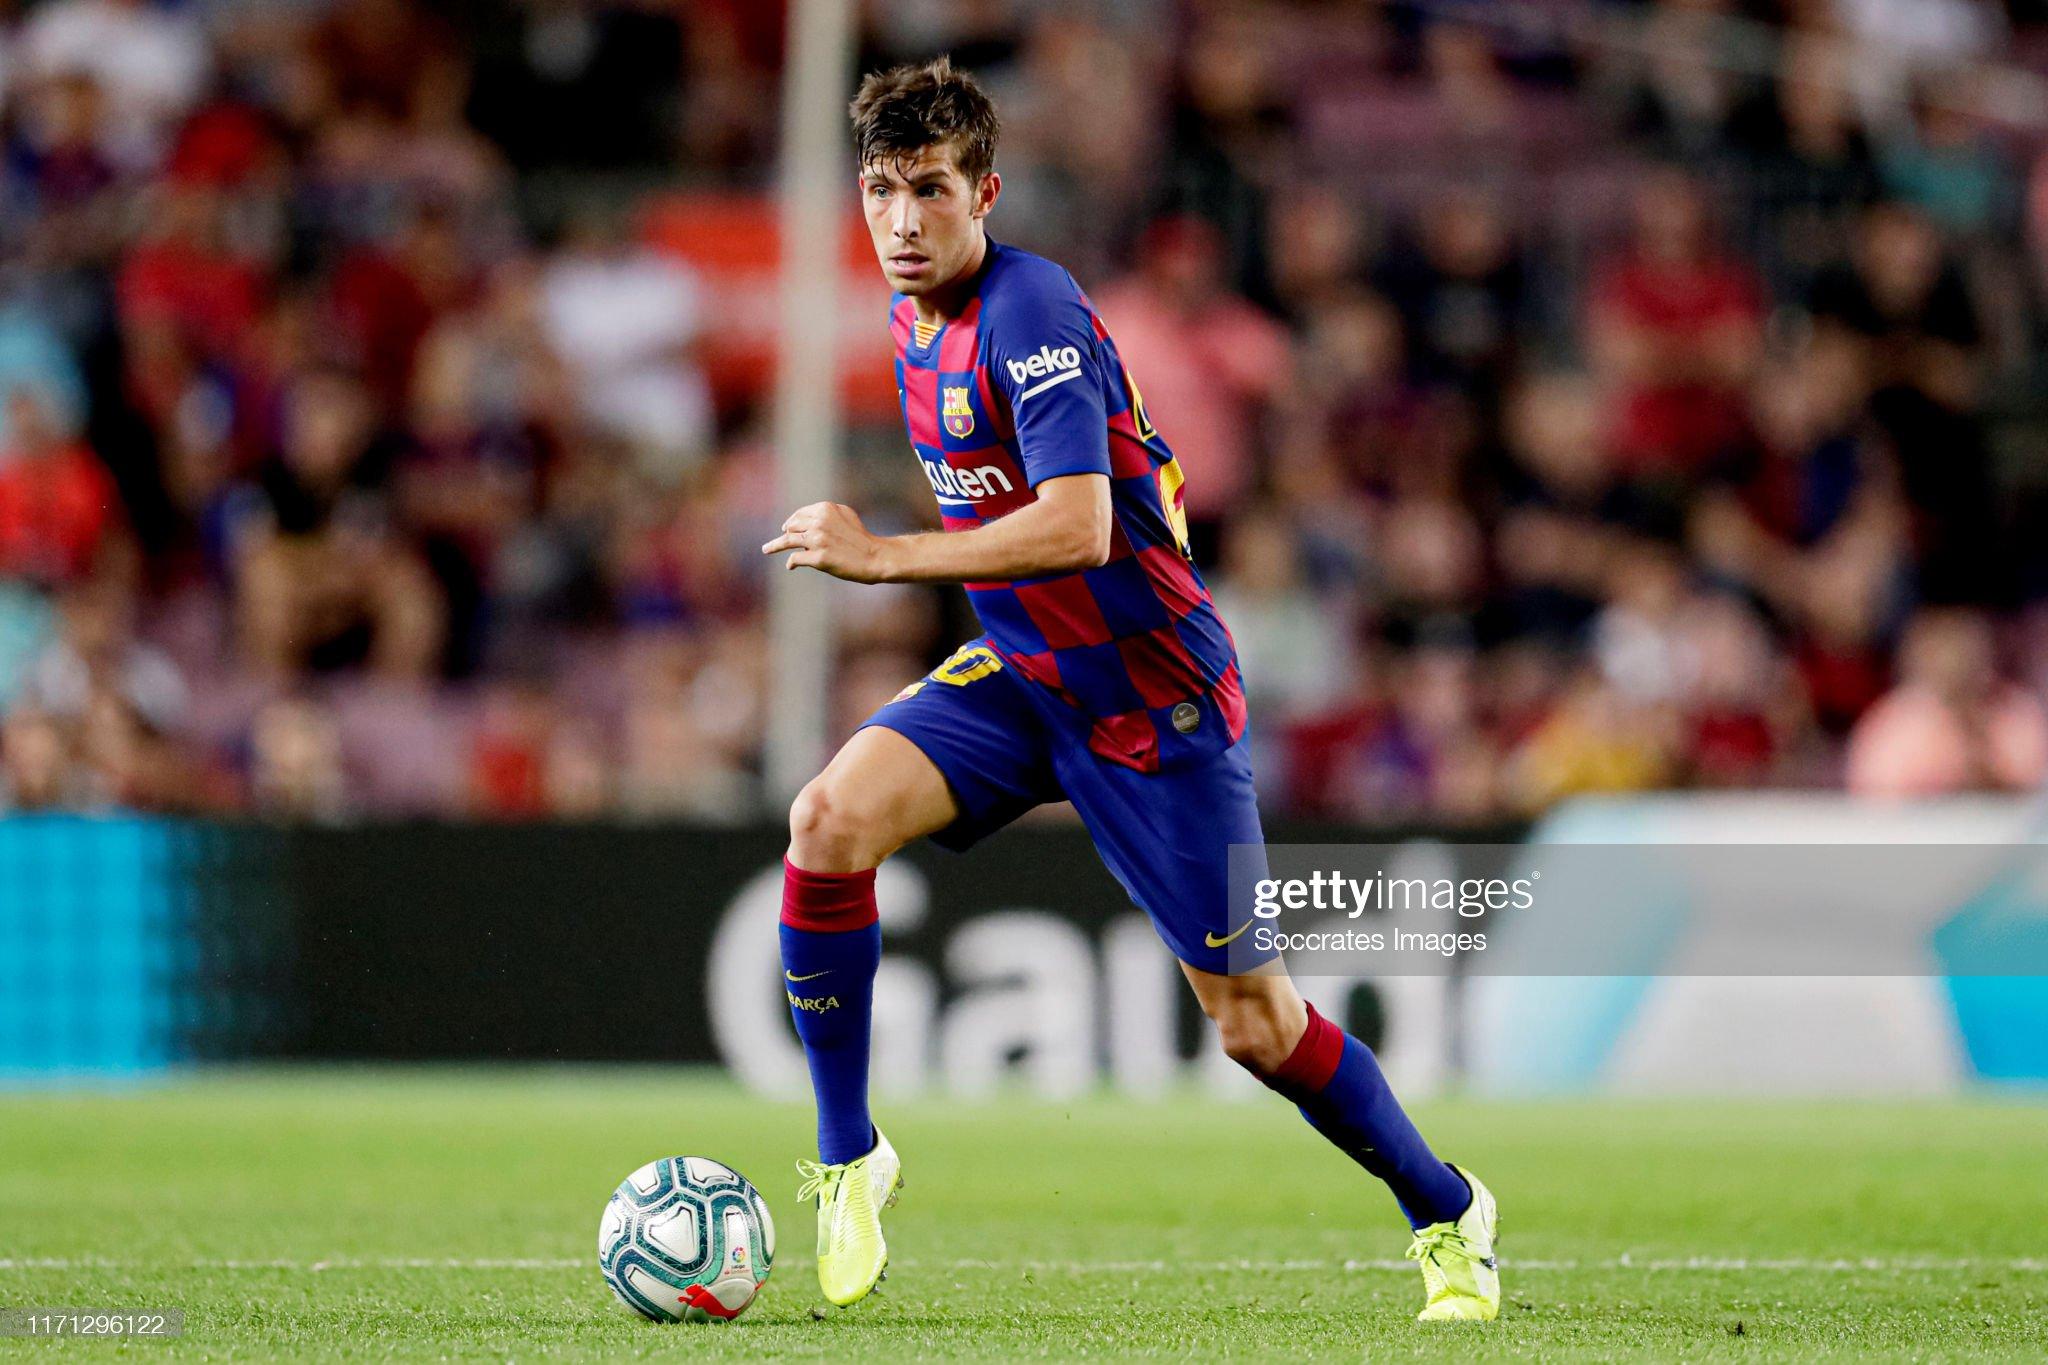 صور مباراة : برشلونة - فياريال 2-1 ( 24-09-2019 )  Sergi-roberto-of-fc-barcelona-during-the-la-liga-santander-match-fc-picture-id1171296122?s=2048x2048